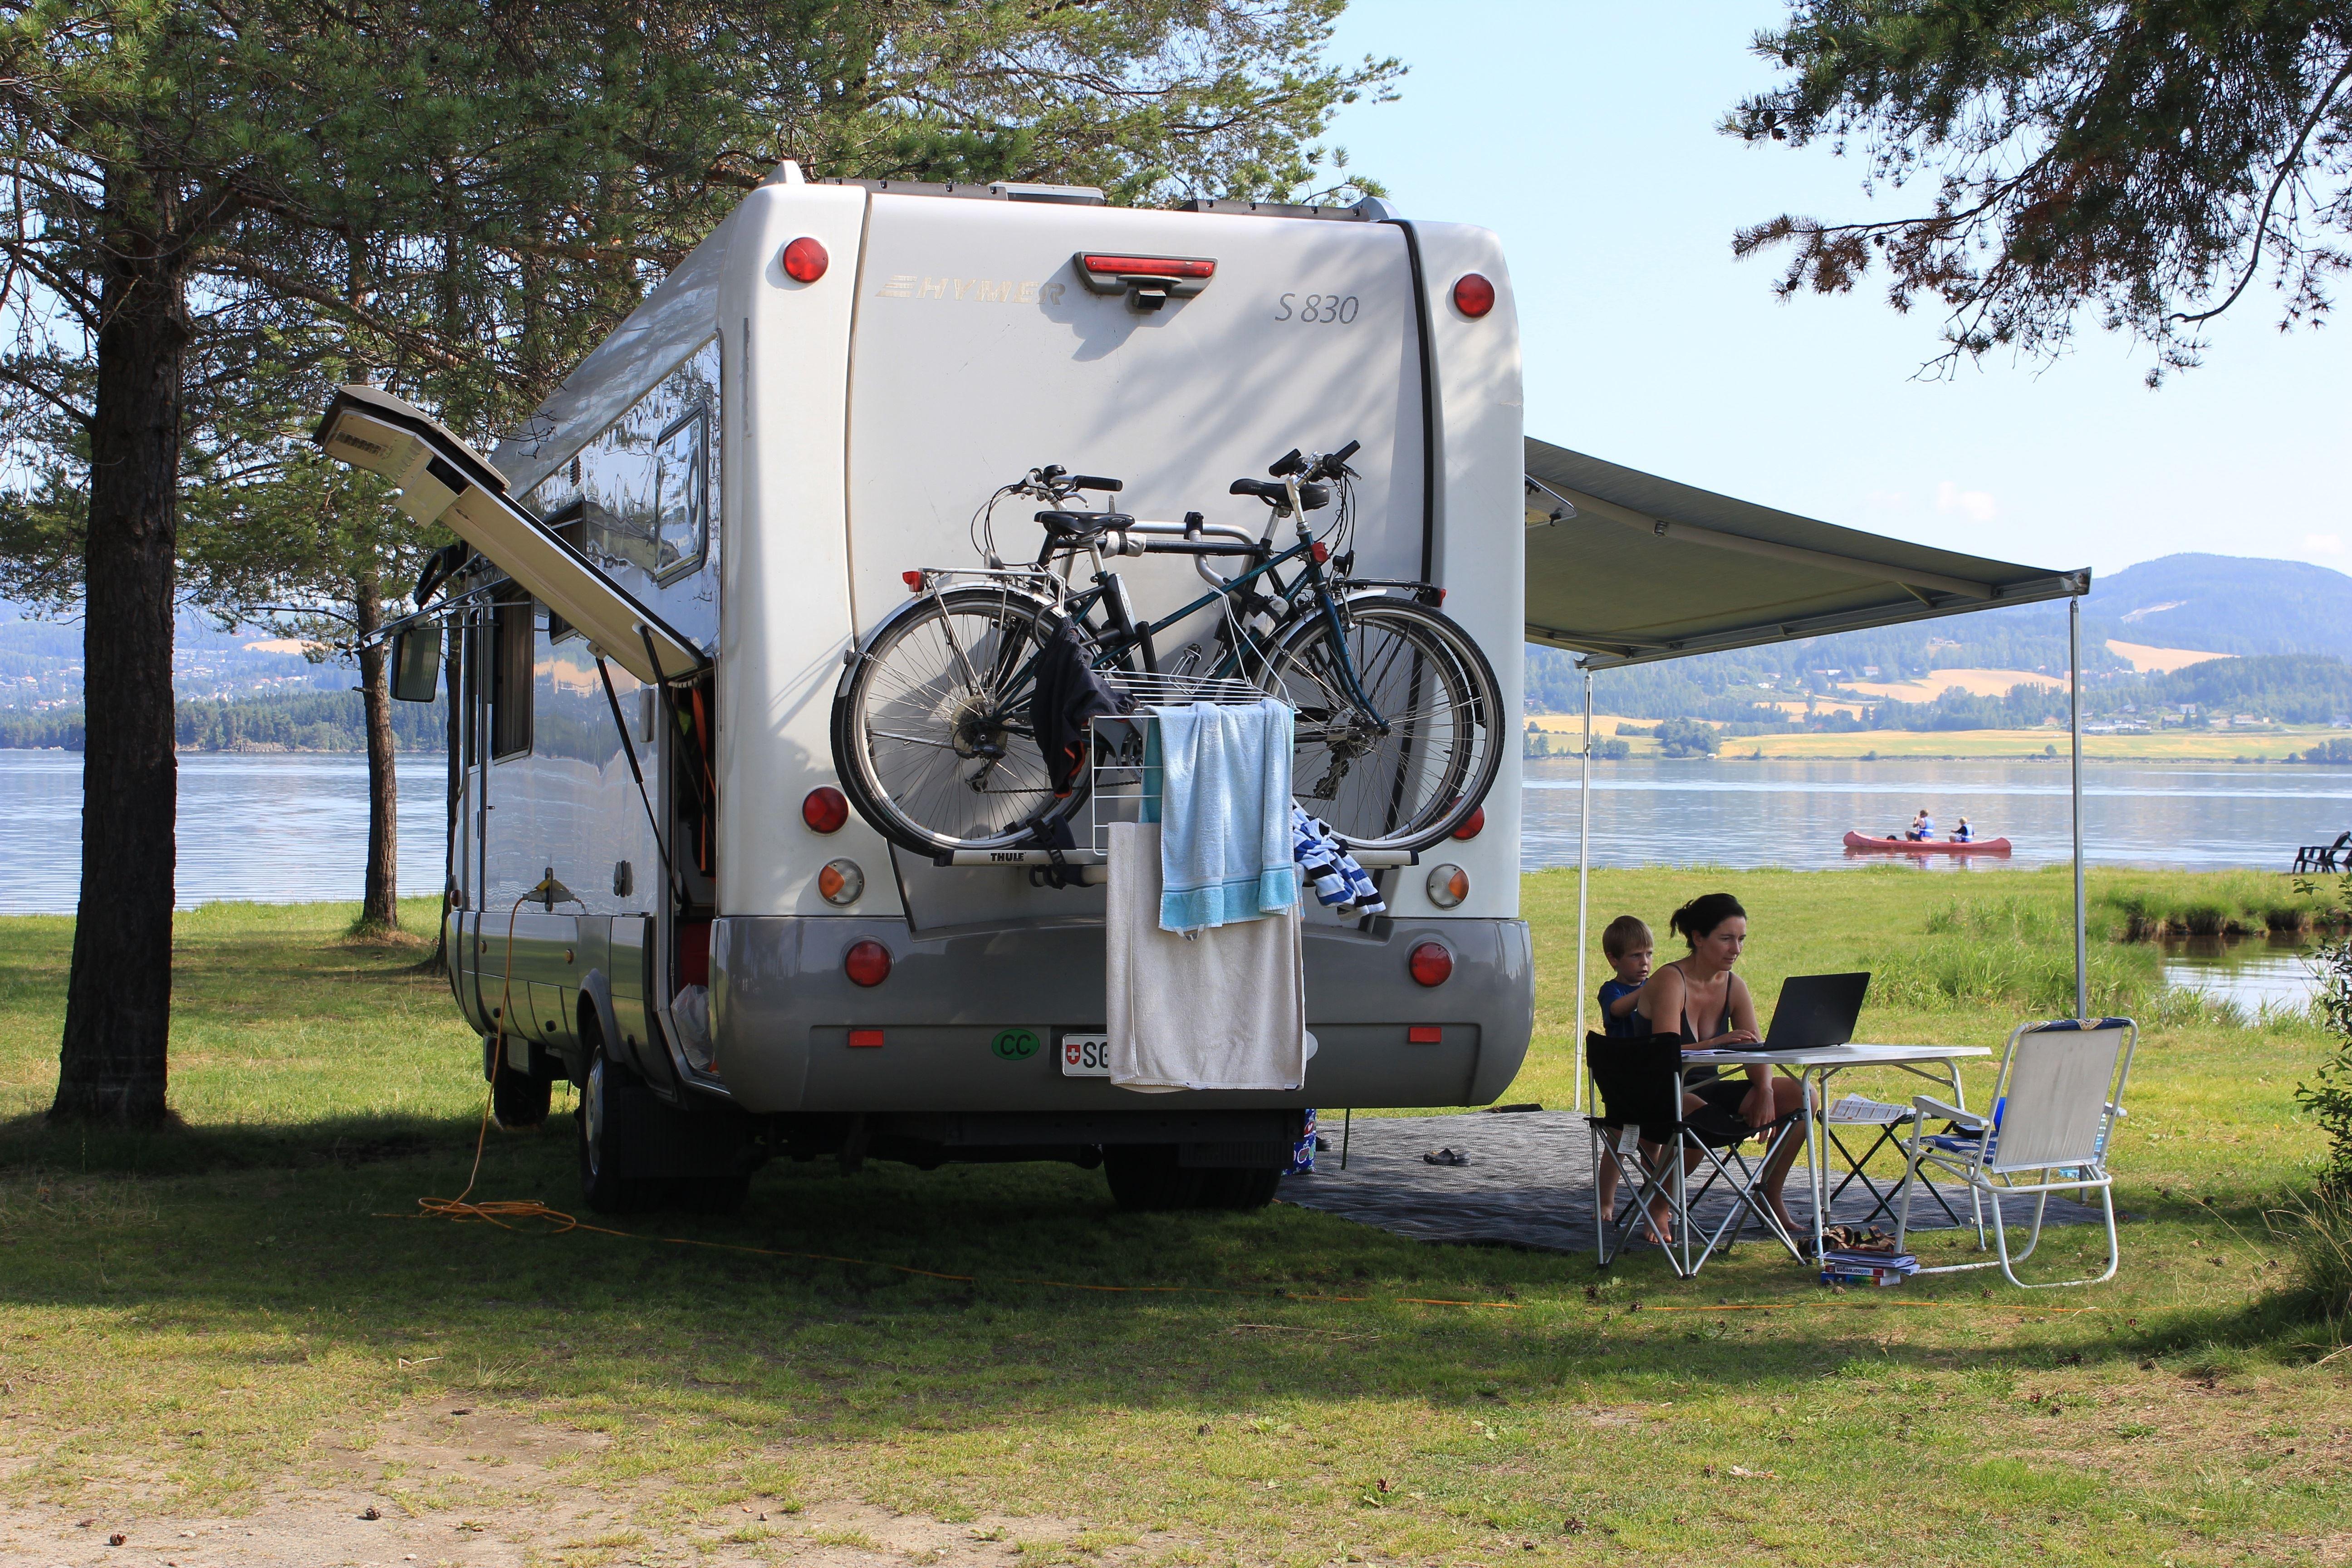 Sveastranda Camping Hytter